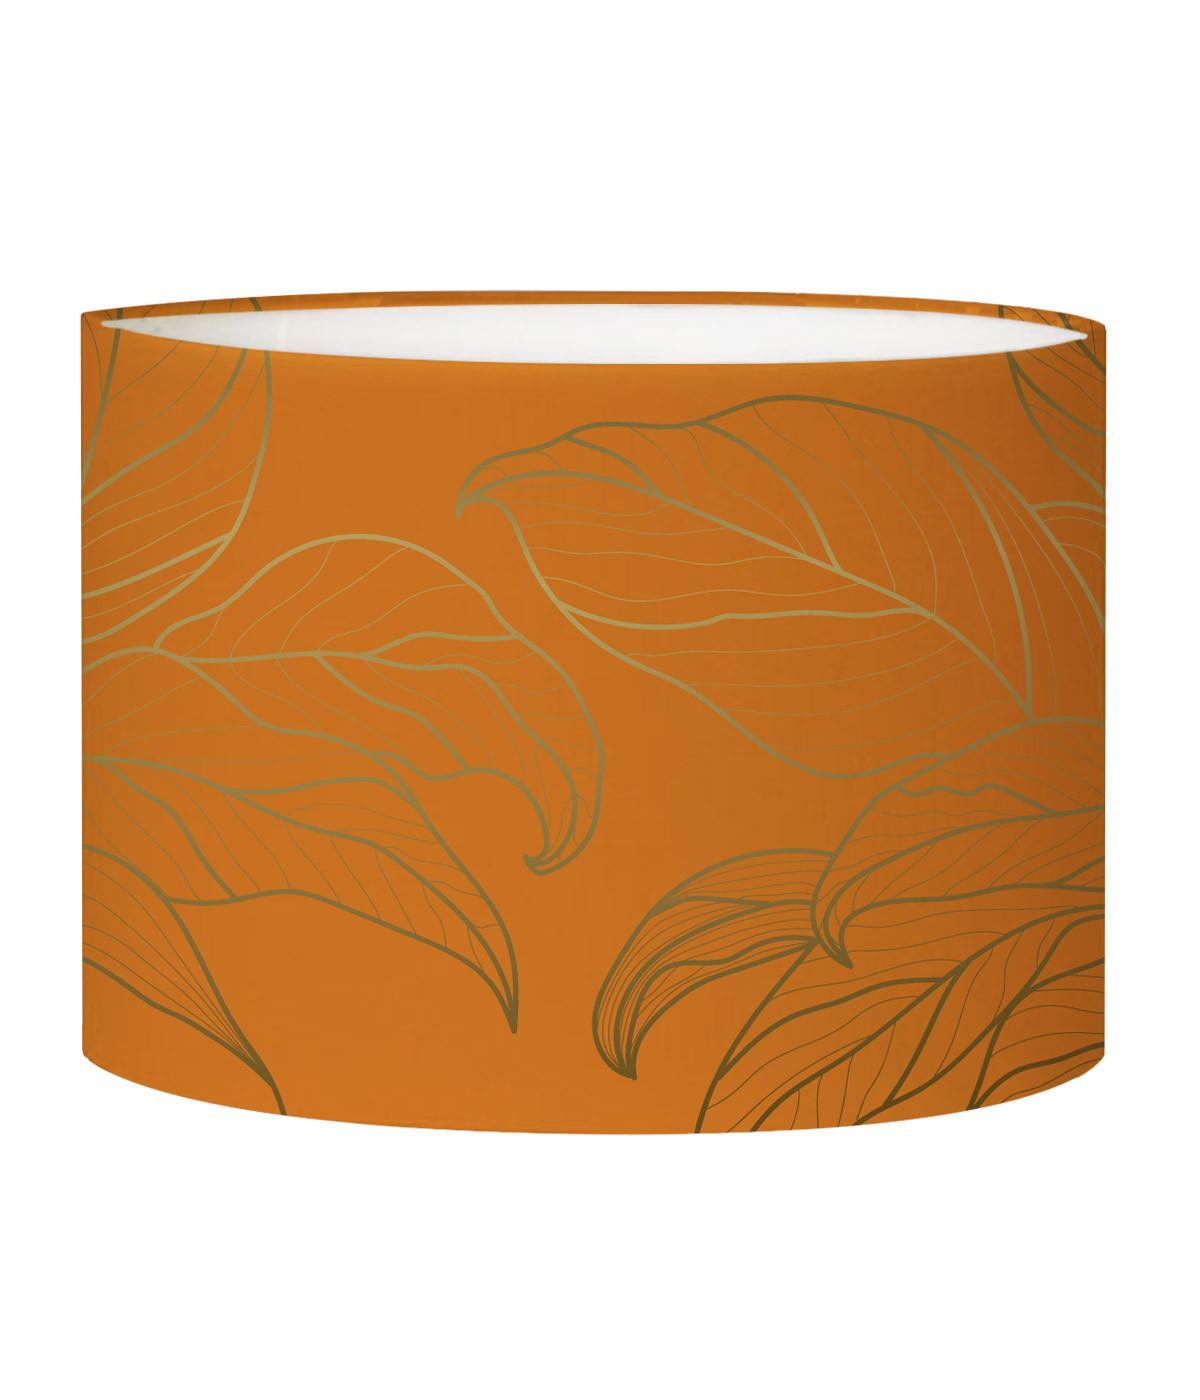 Abat-jour Lampadaire feuille orange acidulé D 45 x H 25